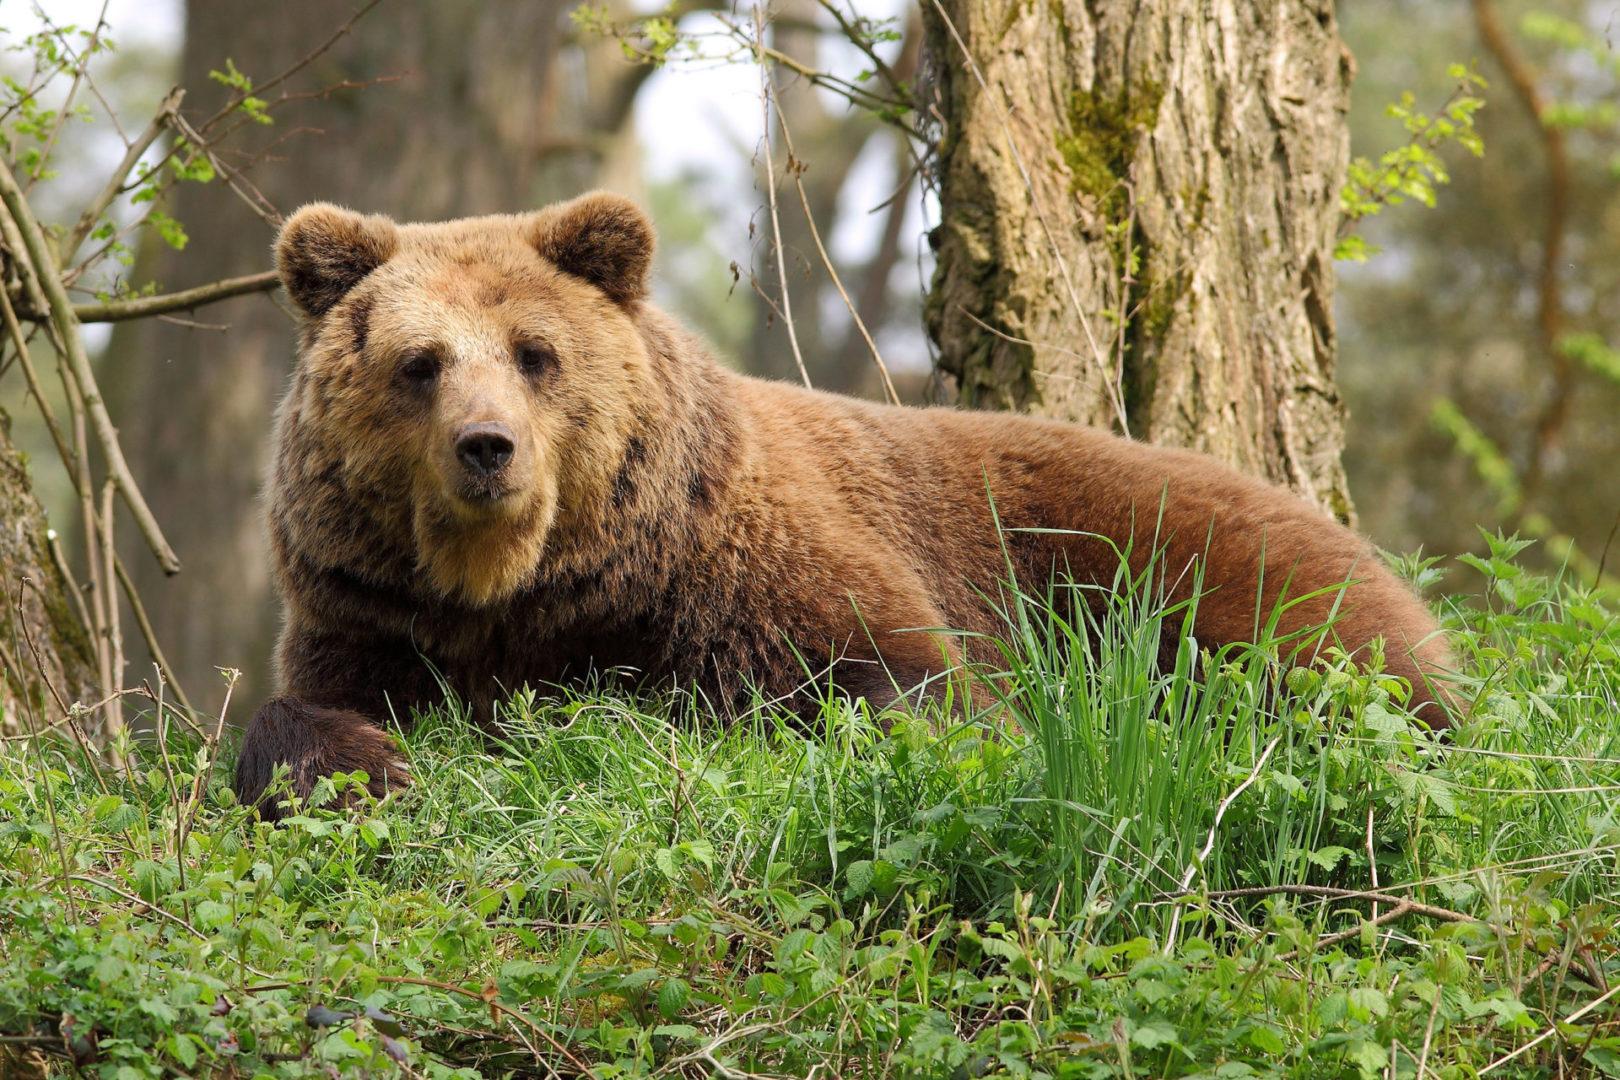 Мэрия Братского района предупреждает жителей об участившихся случаях появления медведей на территории